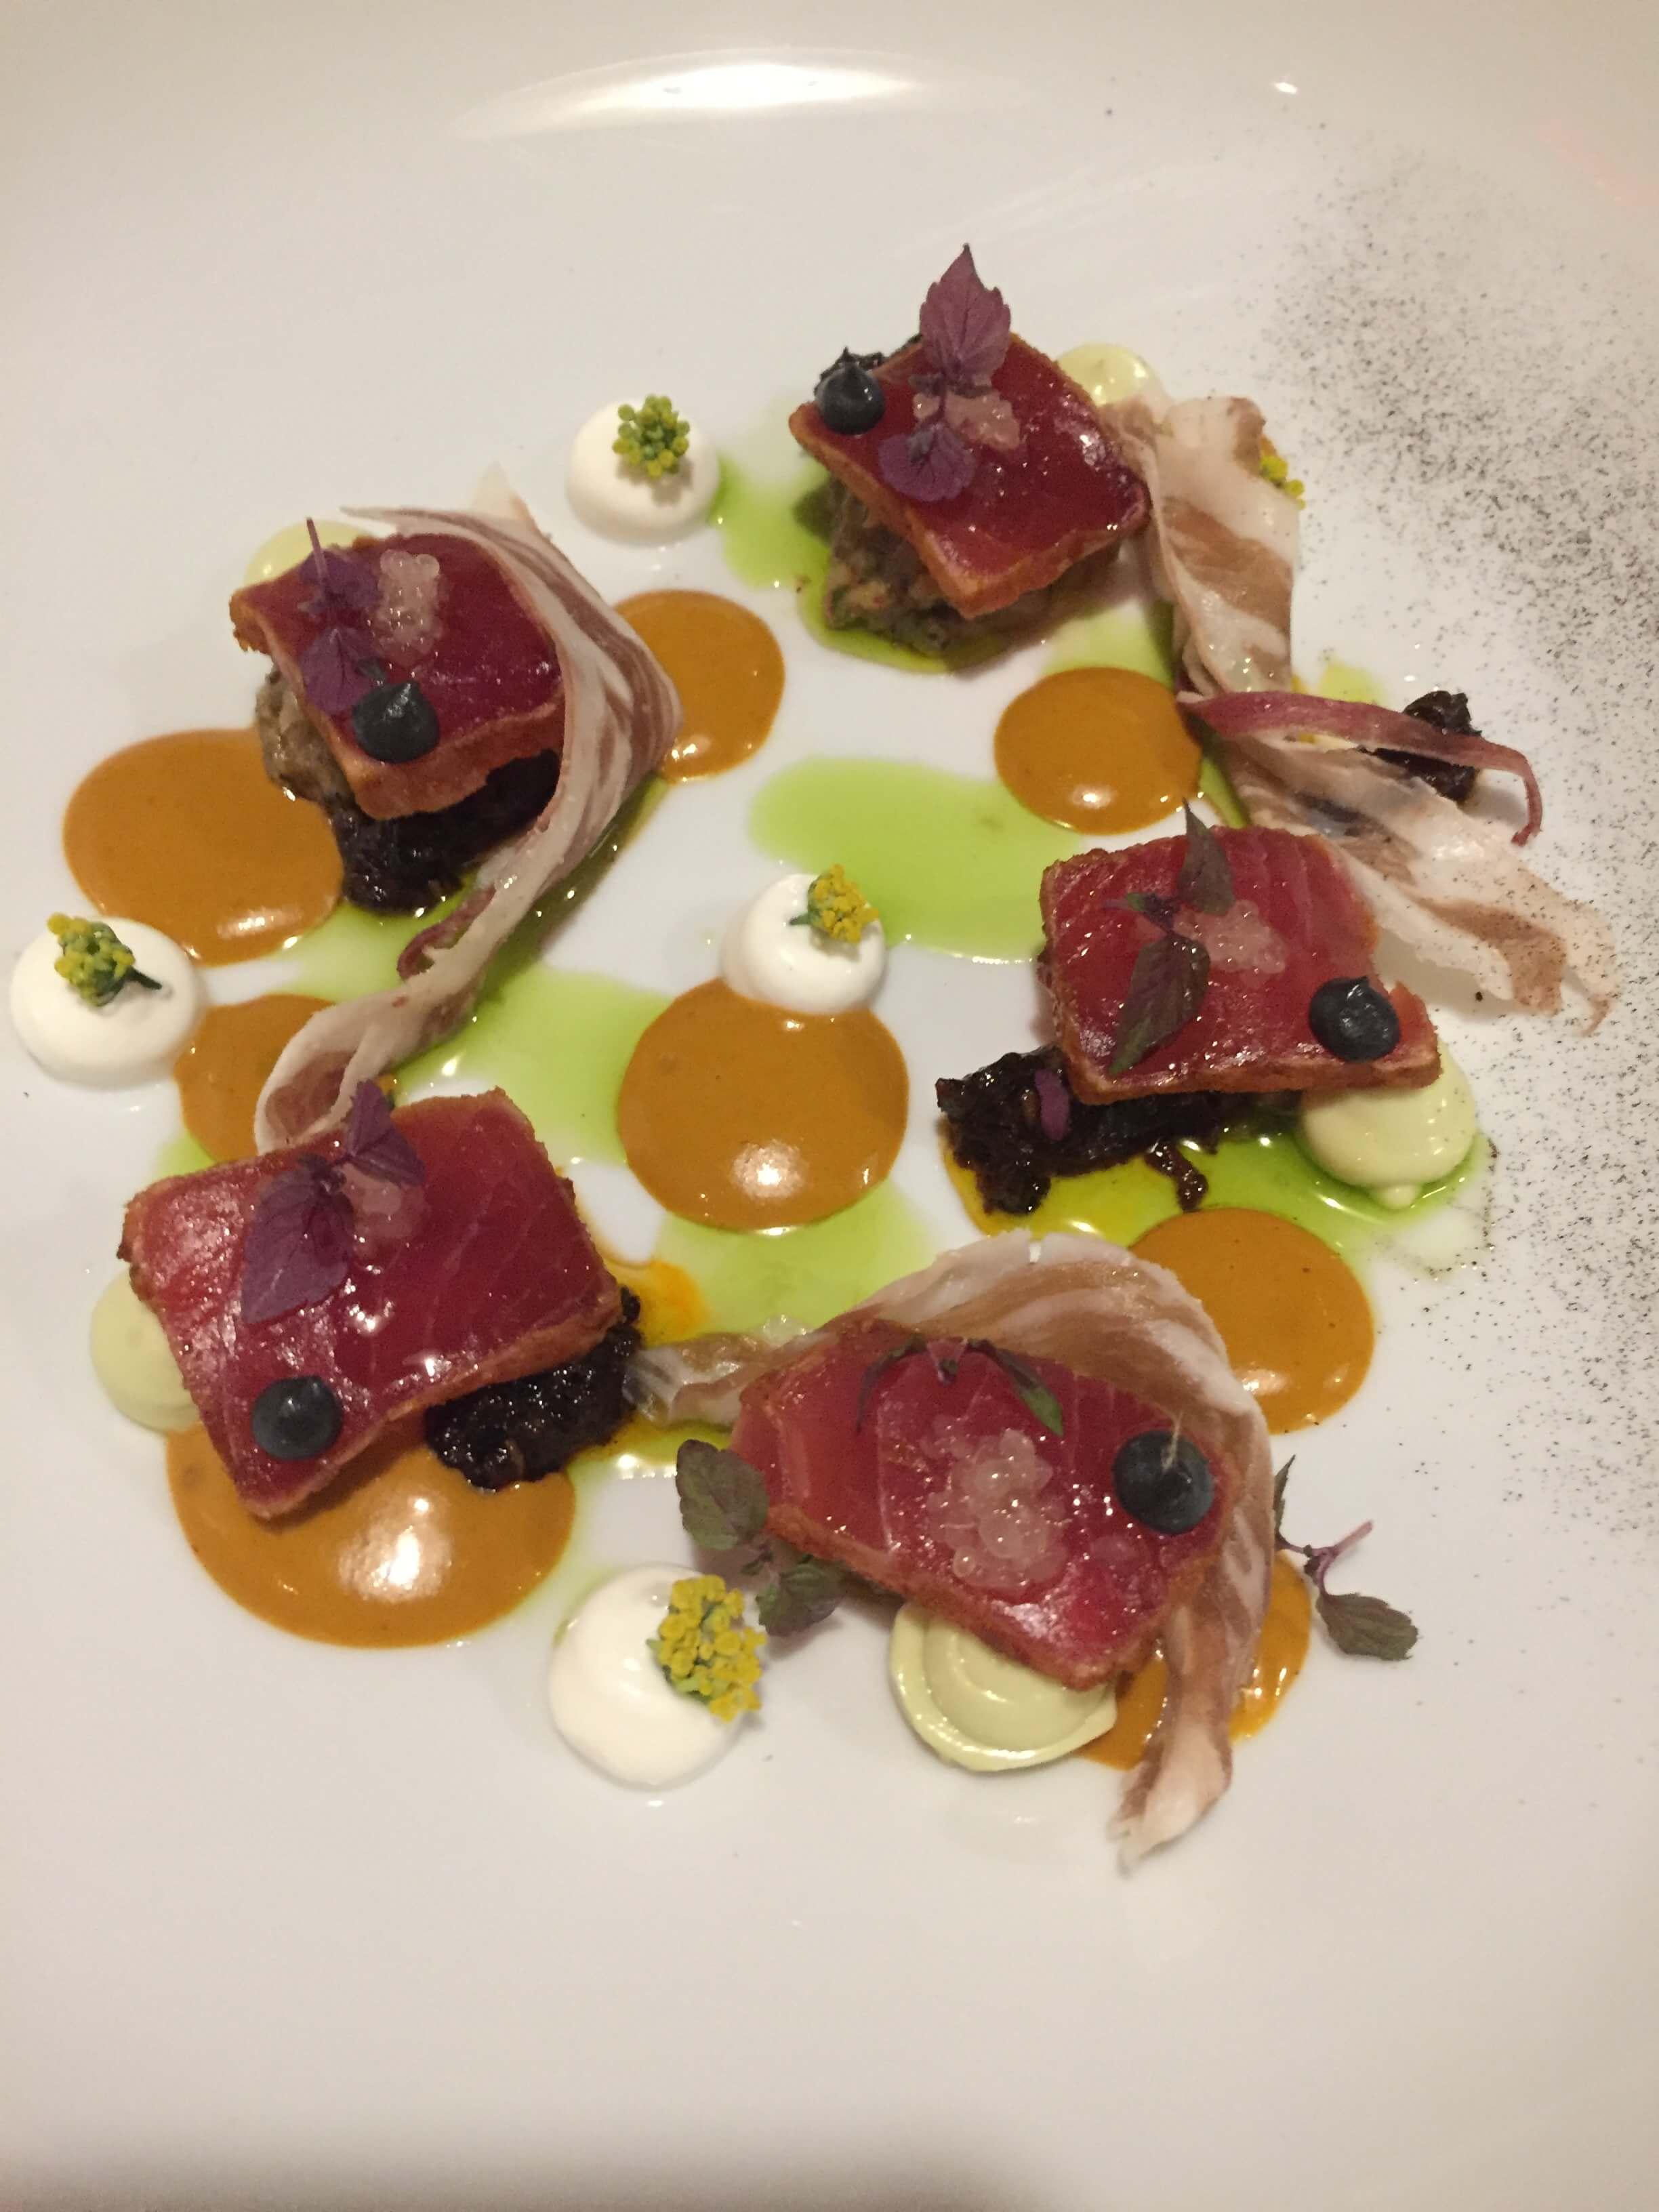 nur-restaurant-new-york